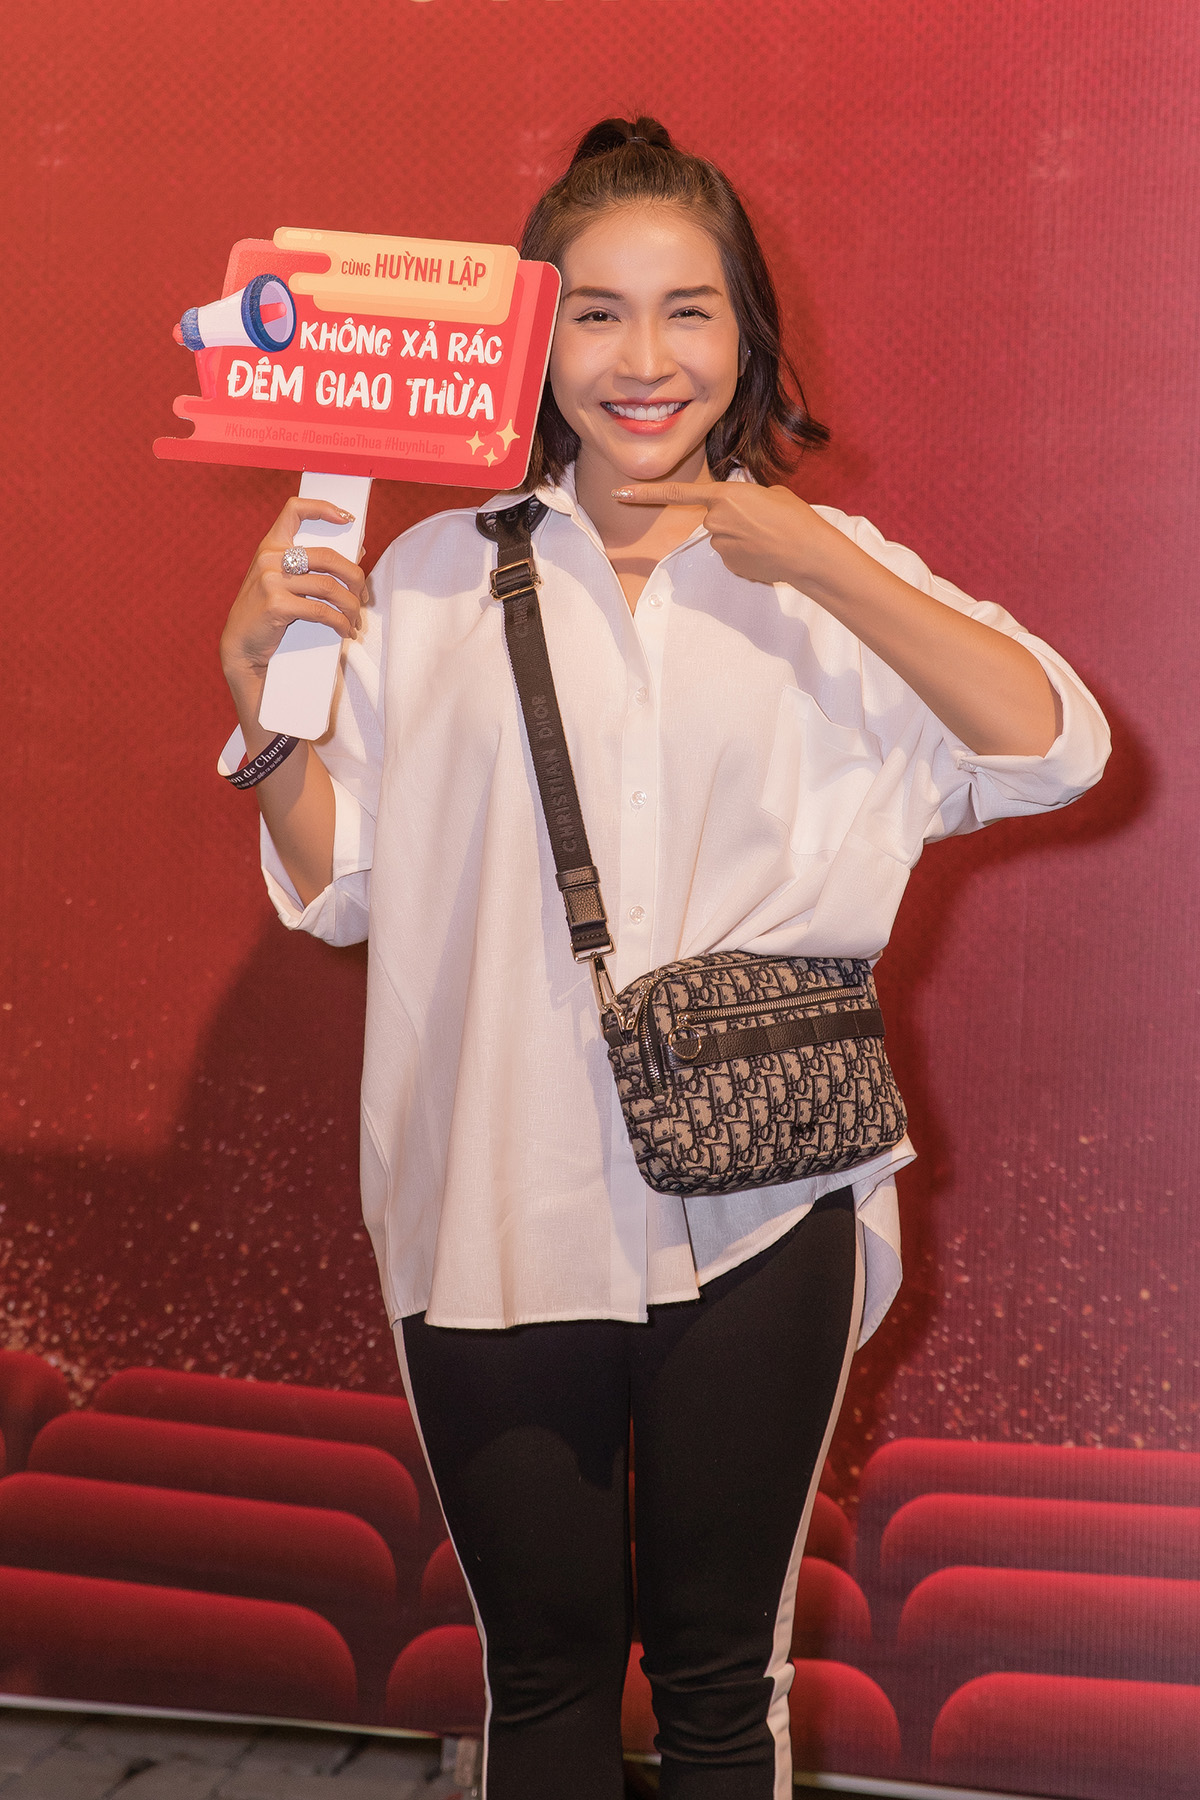 """Đến hẹn lại lên, Huỳnh Lập tiếp tục phát động chiến dịch tâm huyết """"Không xả rác đêm giao thừa"""""""